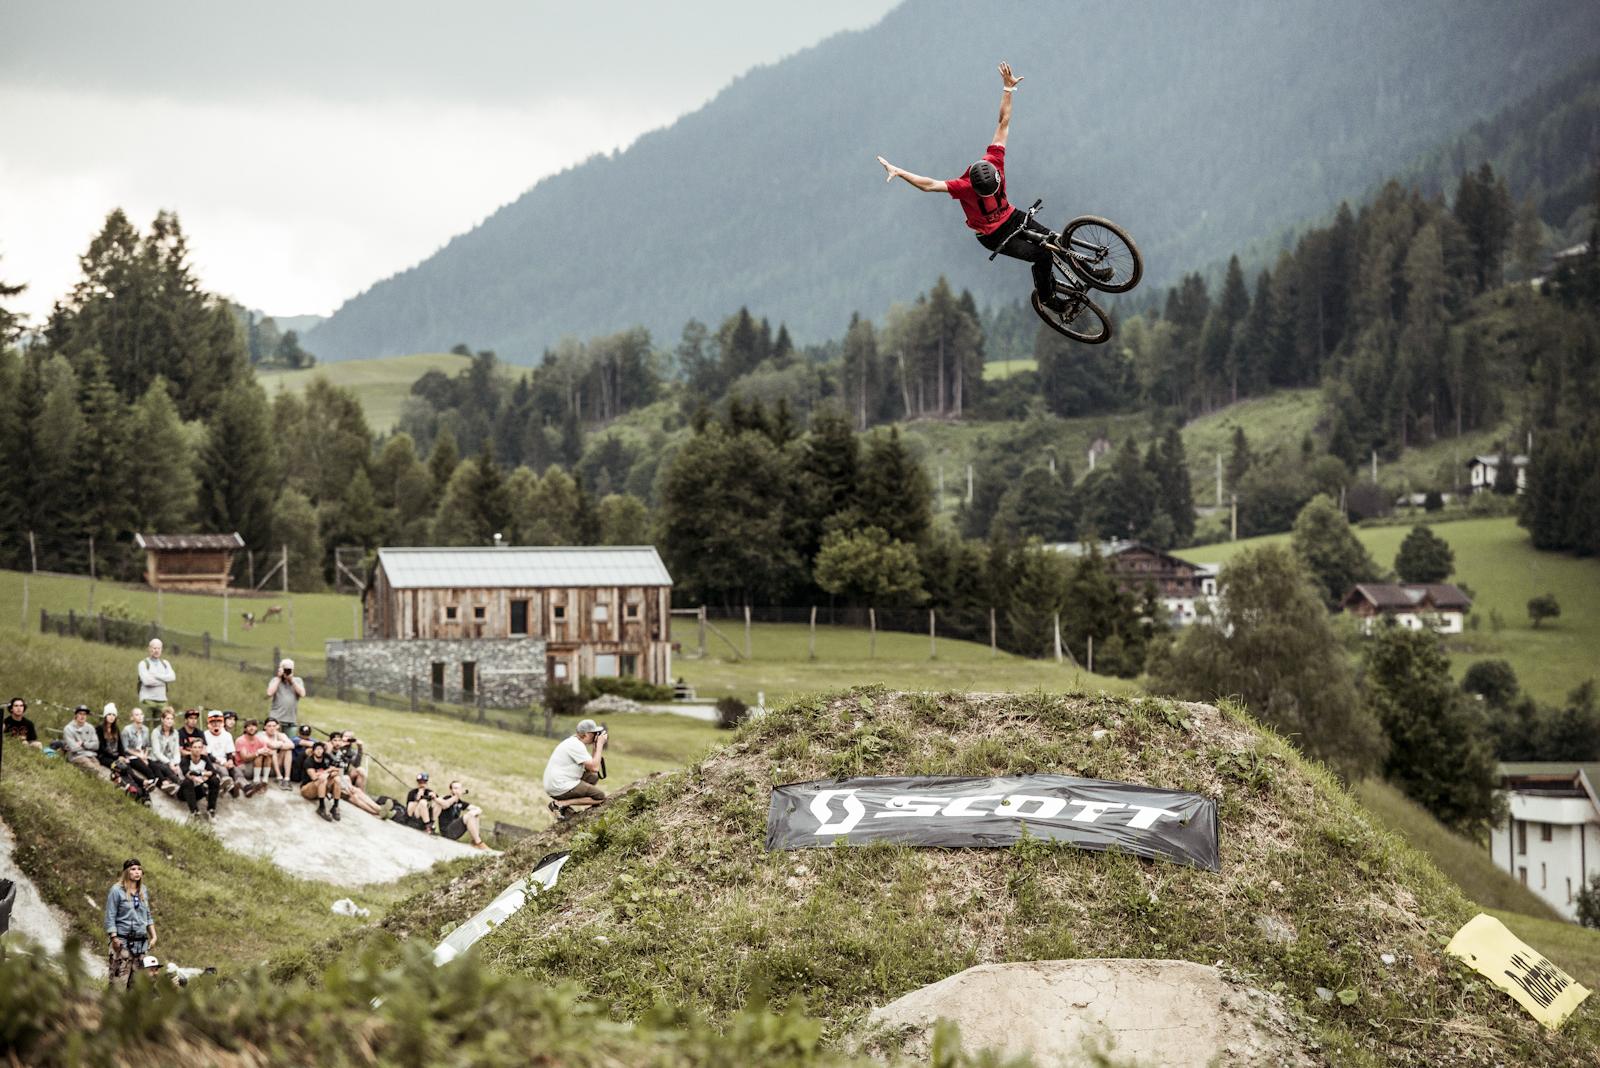 Matt Jones by Bartek Wolinski